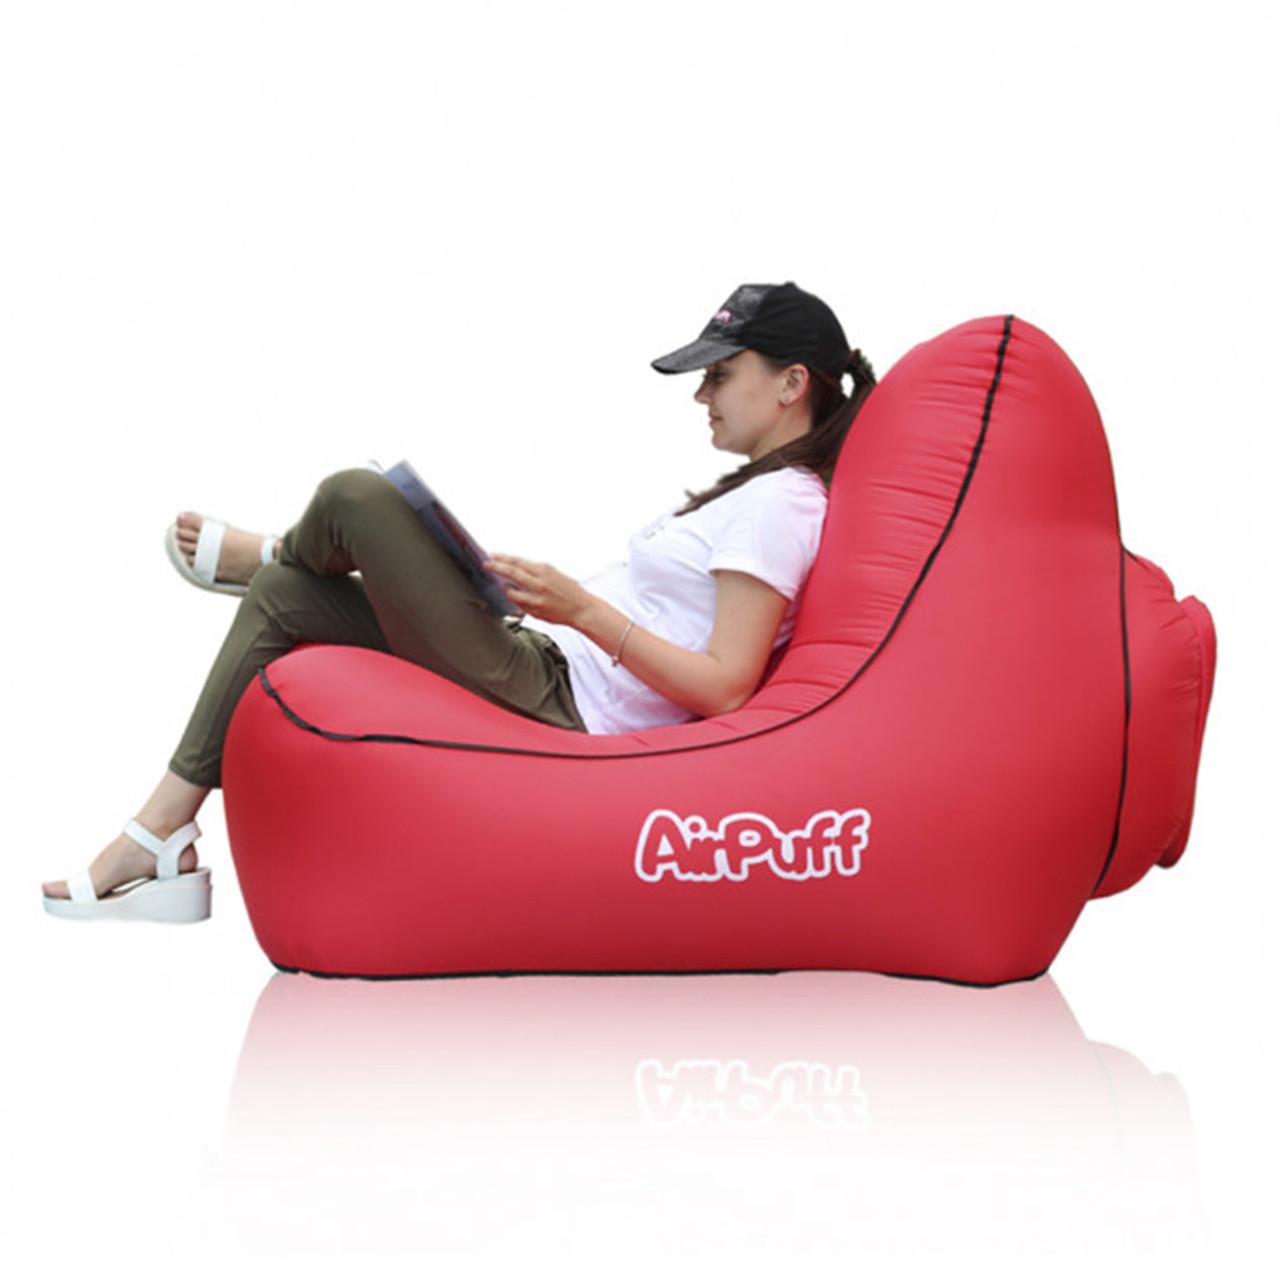 Надувное кресло лежак AirPuff для отдыха на природе и пляже (Red)